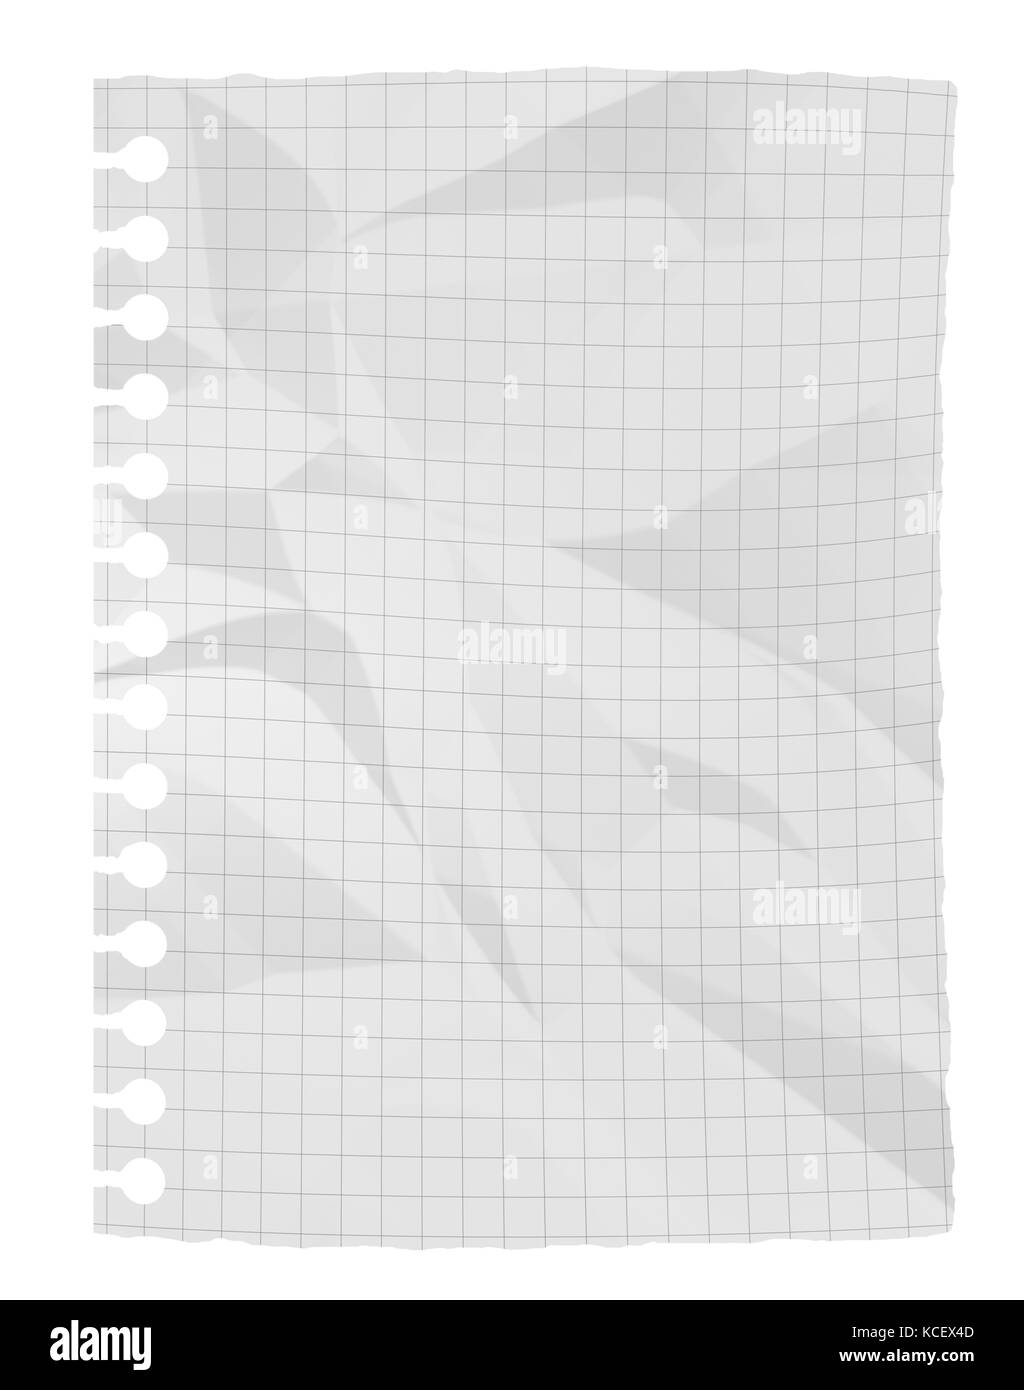 Feuille de papier blanc froissé isolé sur fond blanc Photo Stock